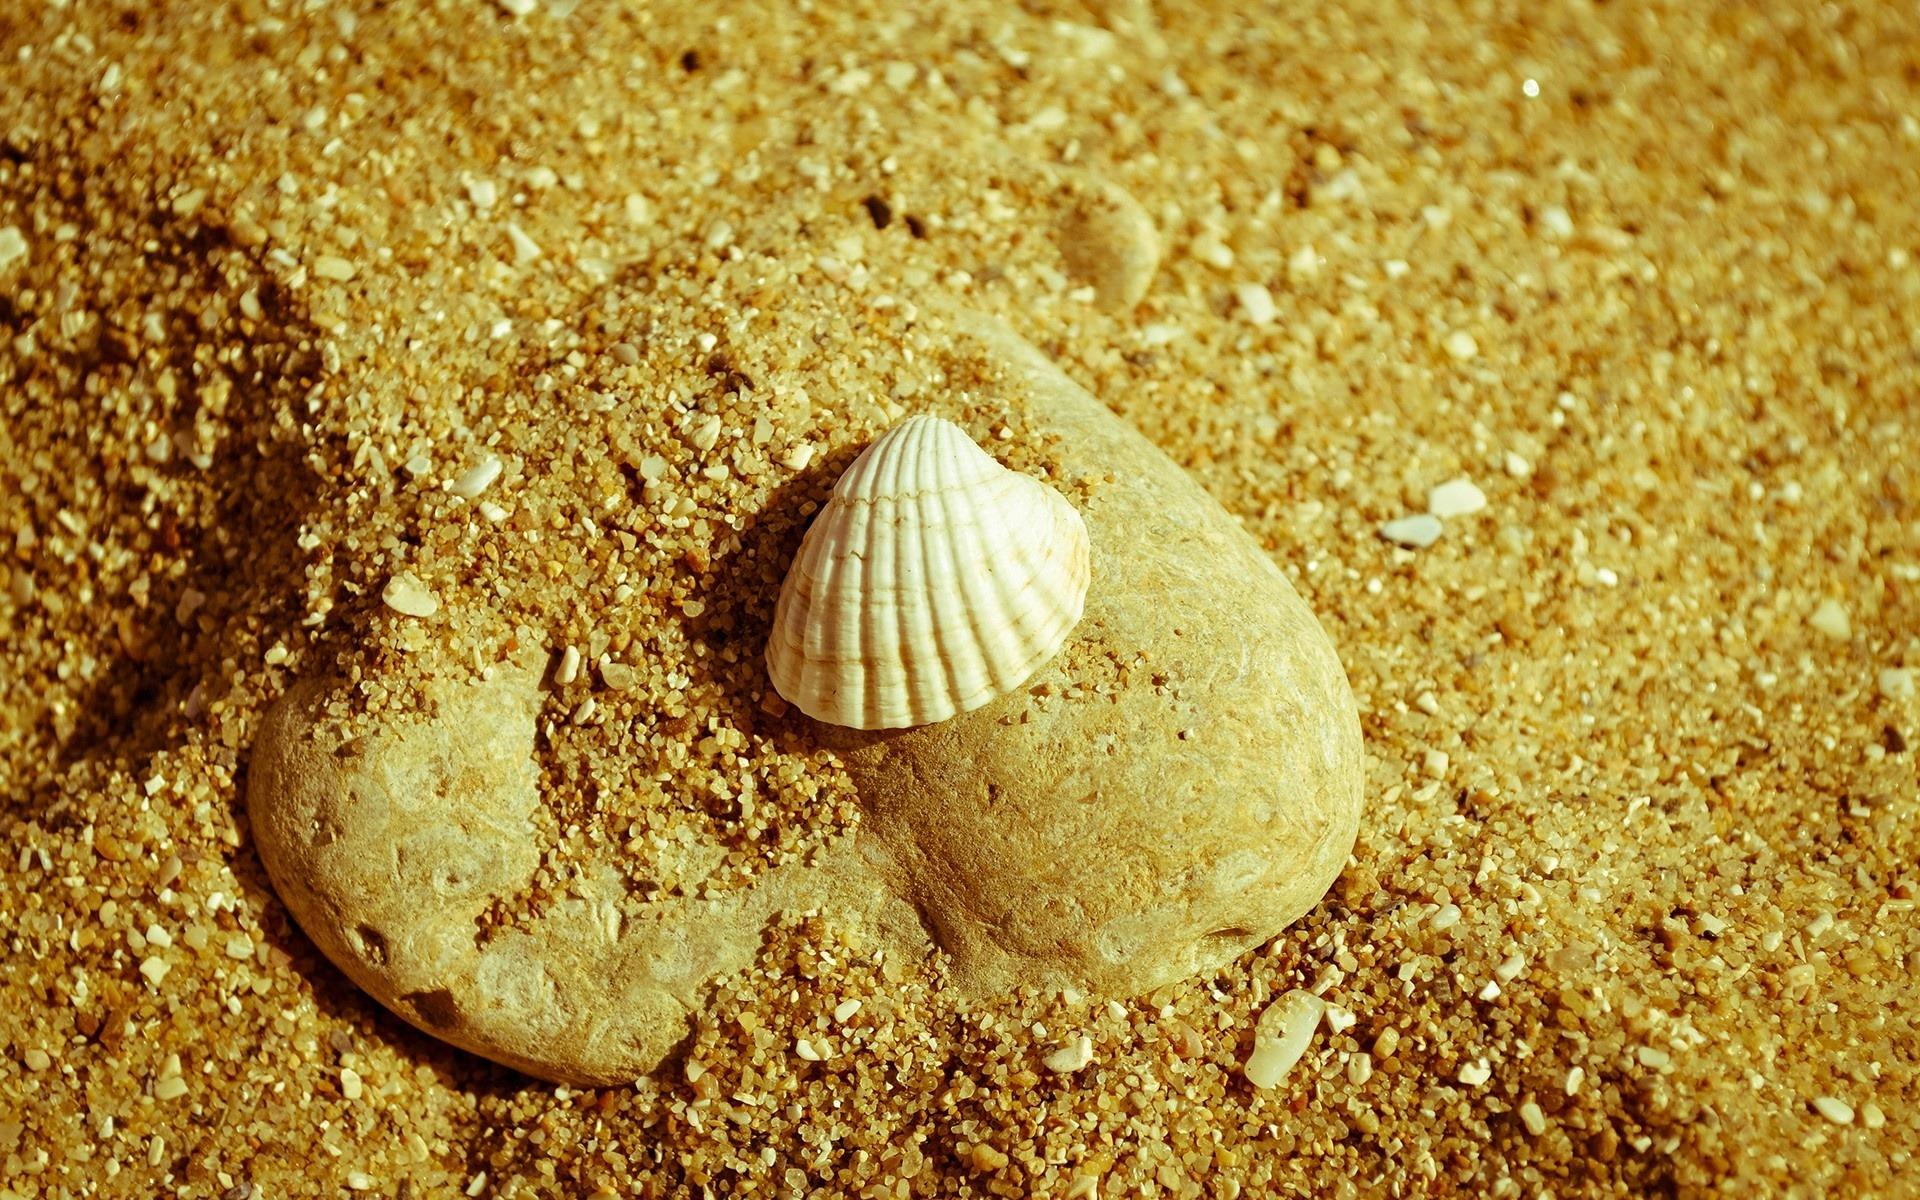 貝殻と岩 高品質の壁紙プレビュー 10wallpaper Com